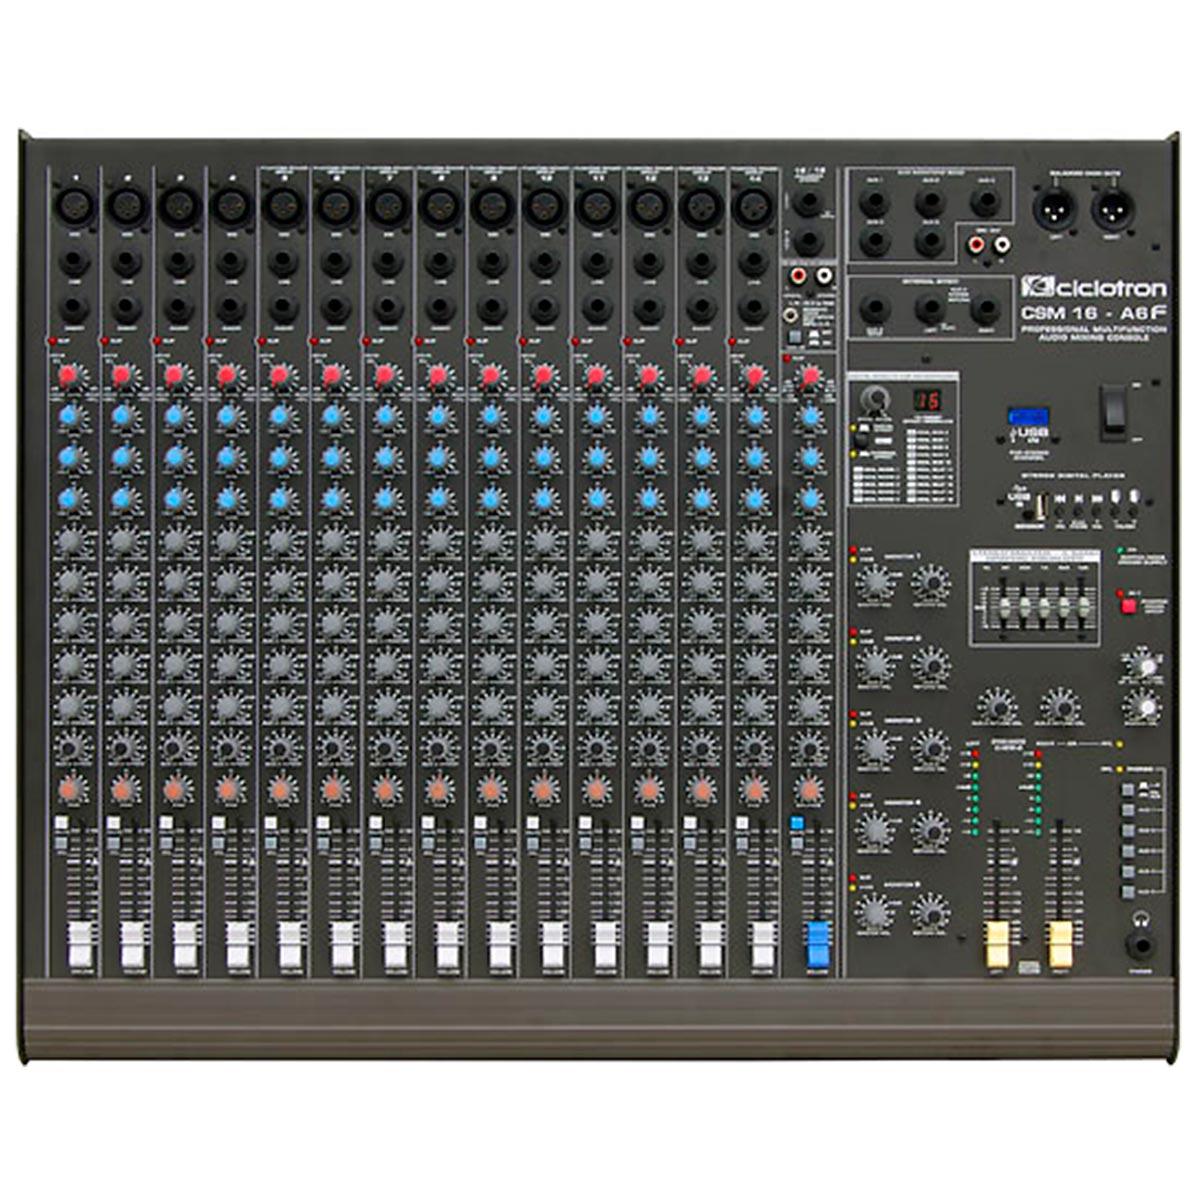 CSM16A6F - Mesa de Som / Mixer 16 Canais USB CSM 16 A 6 F - Ciclotron